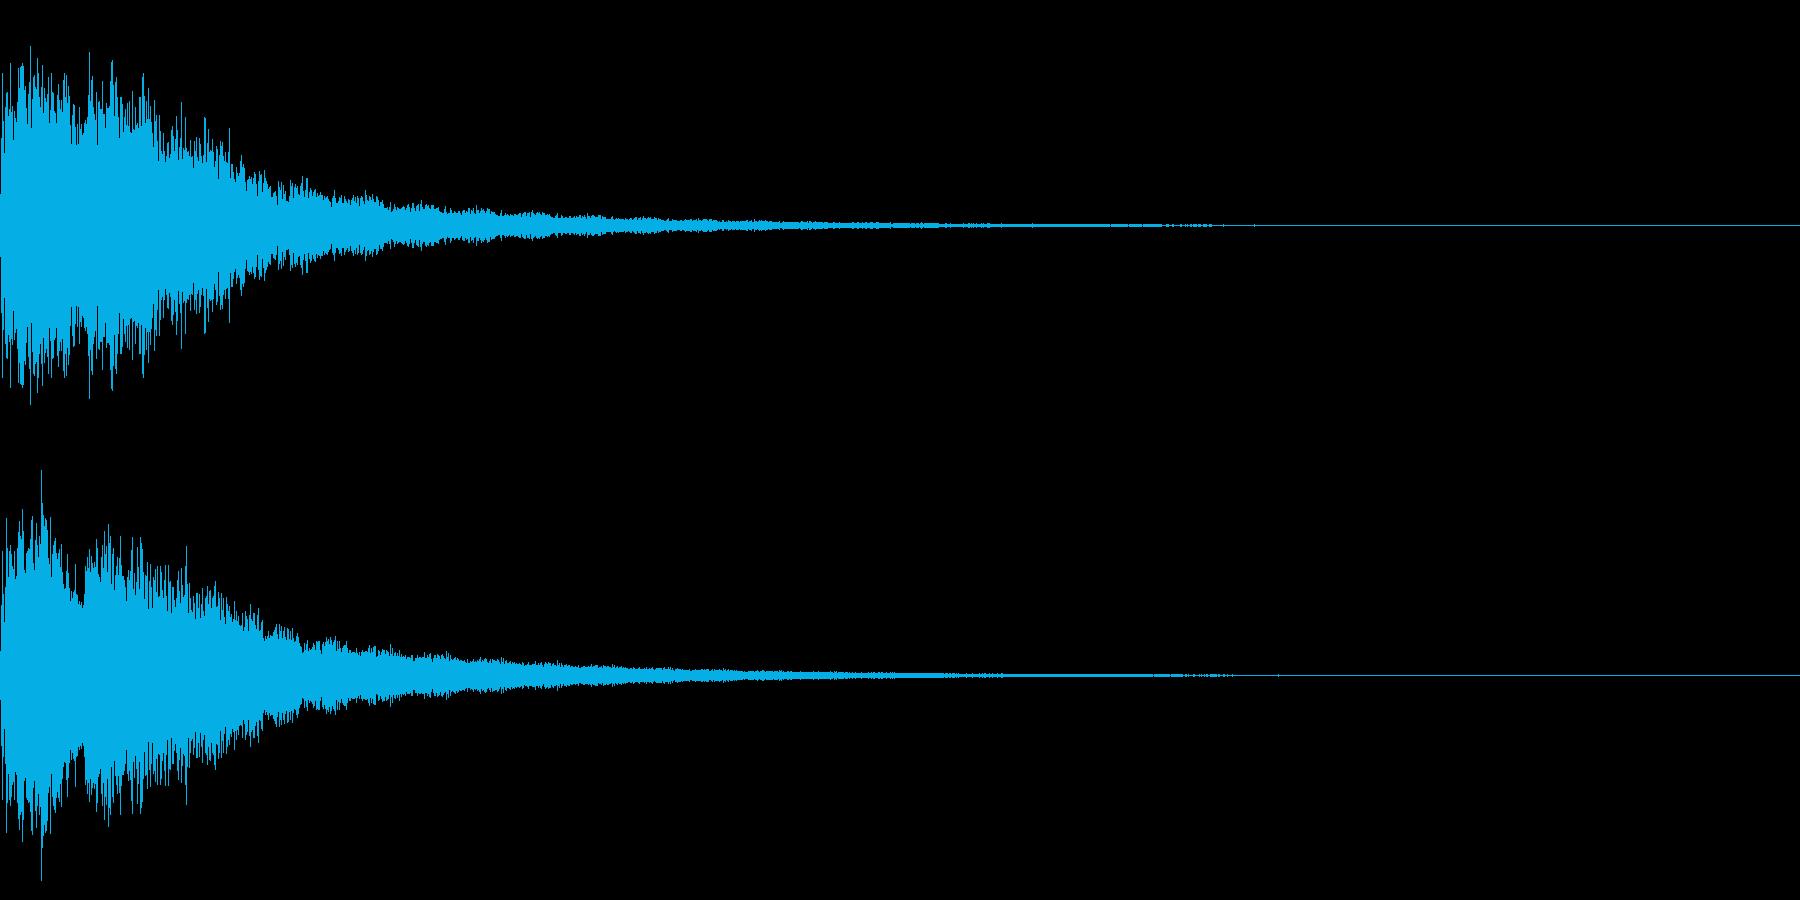 キラキラ☆(星の輝きに最適な効果音)23の再生済みの波形